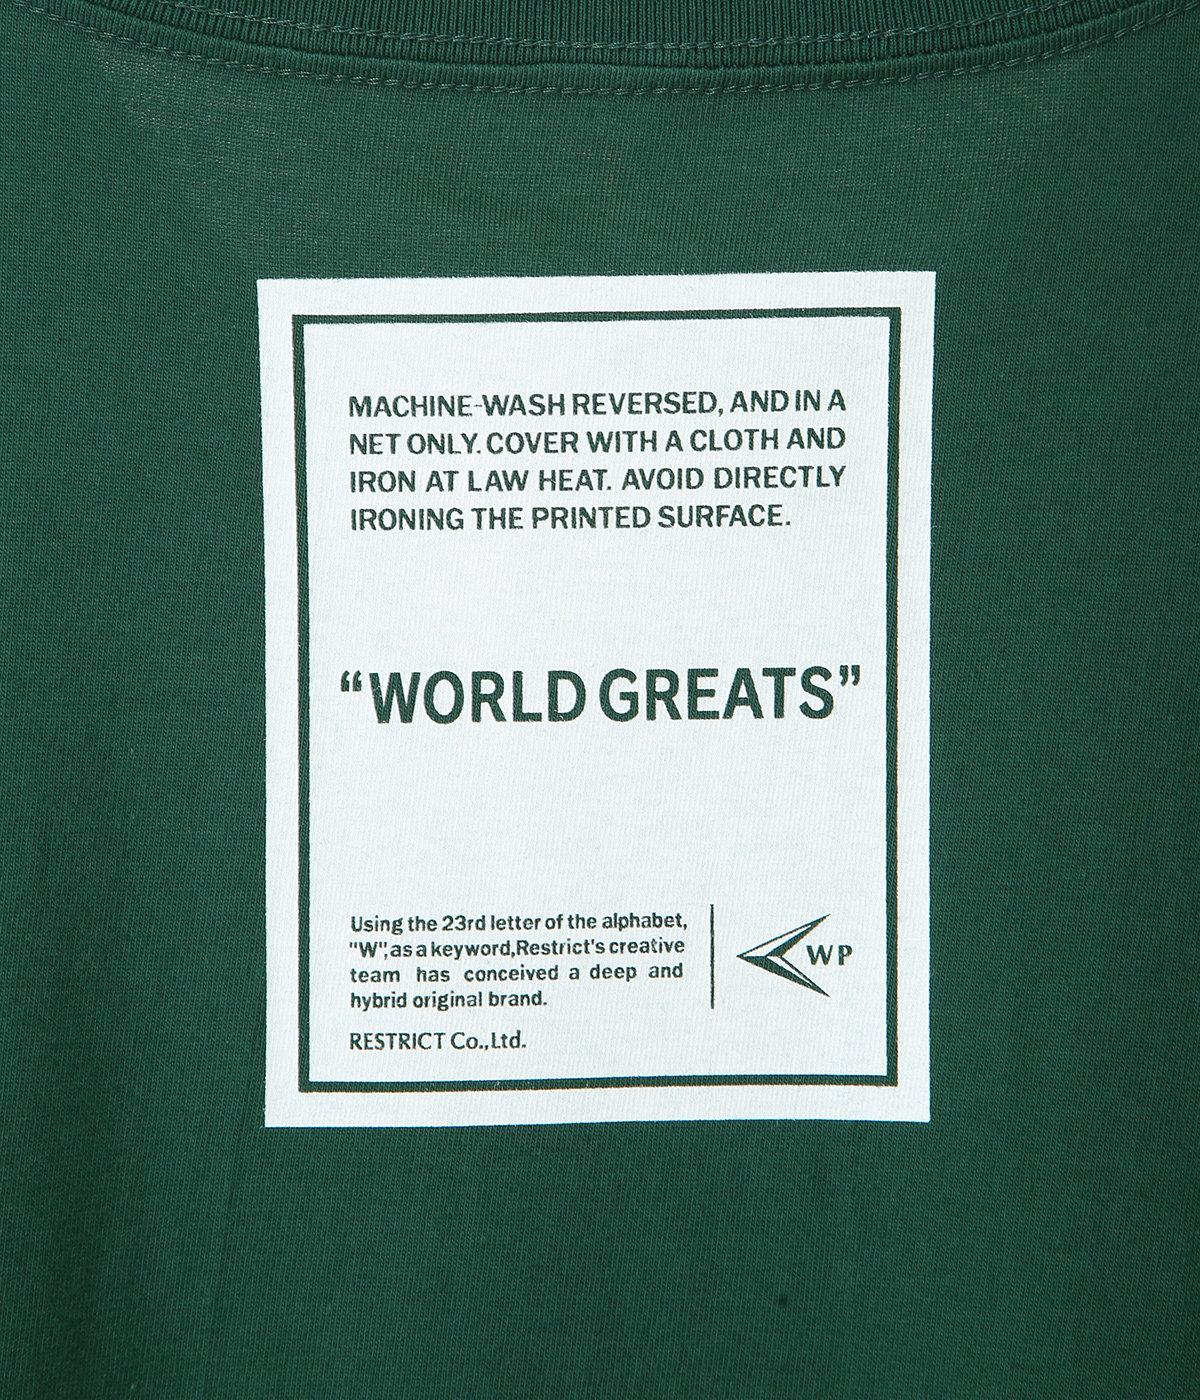 WORLD GREATS B2 T-SHIRTS